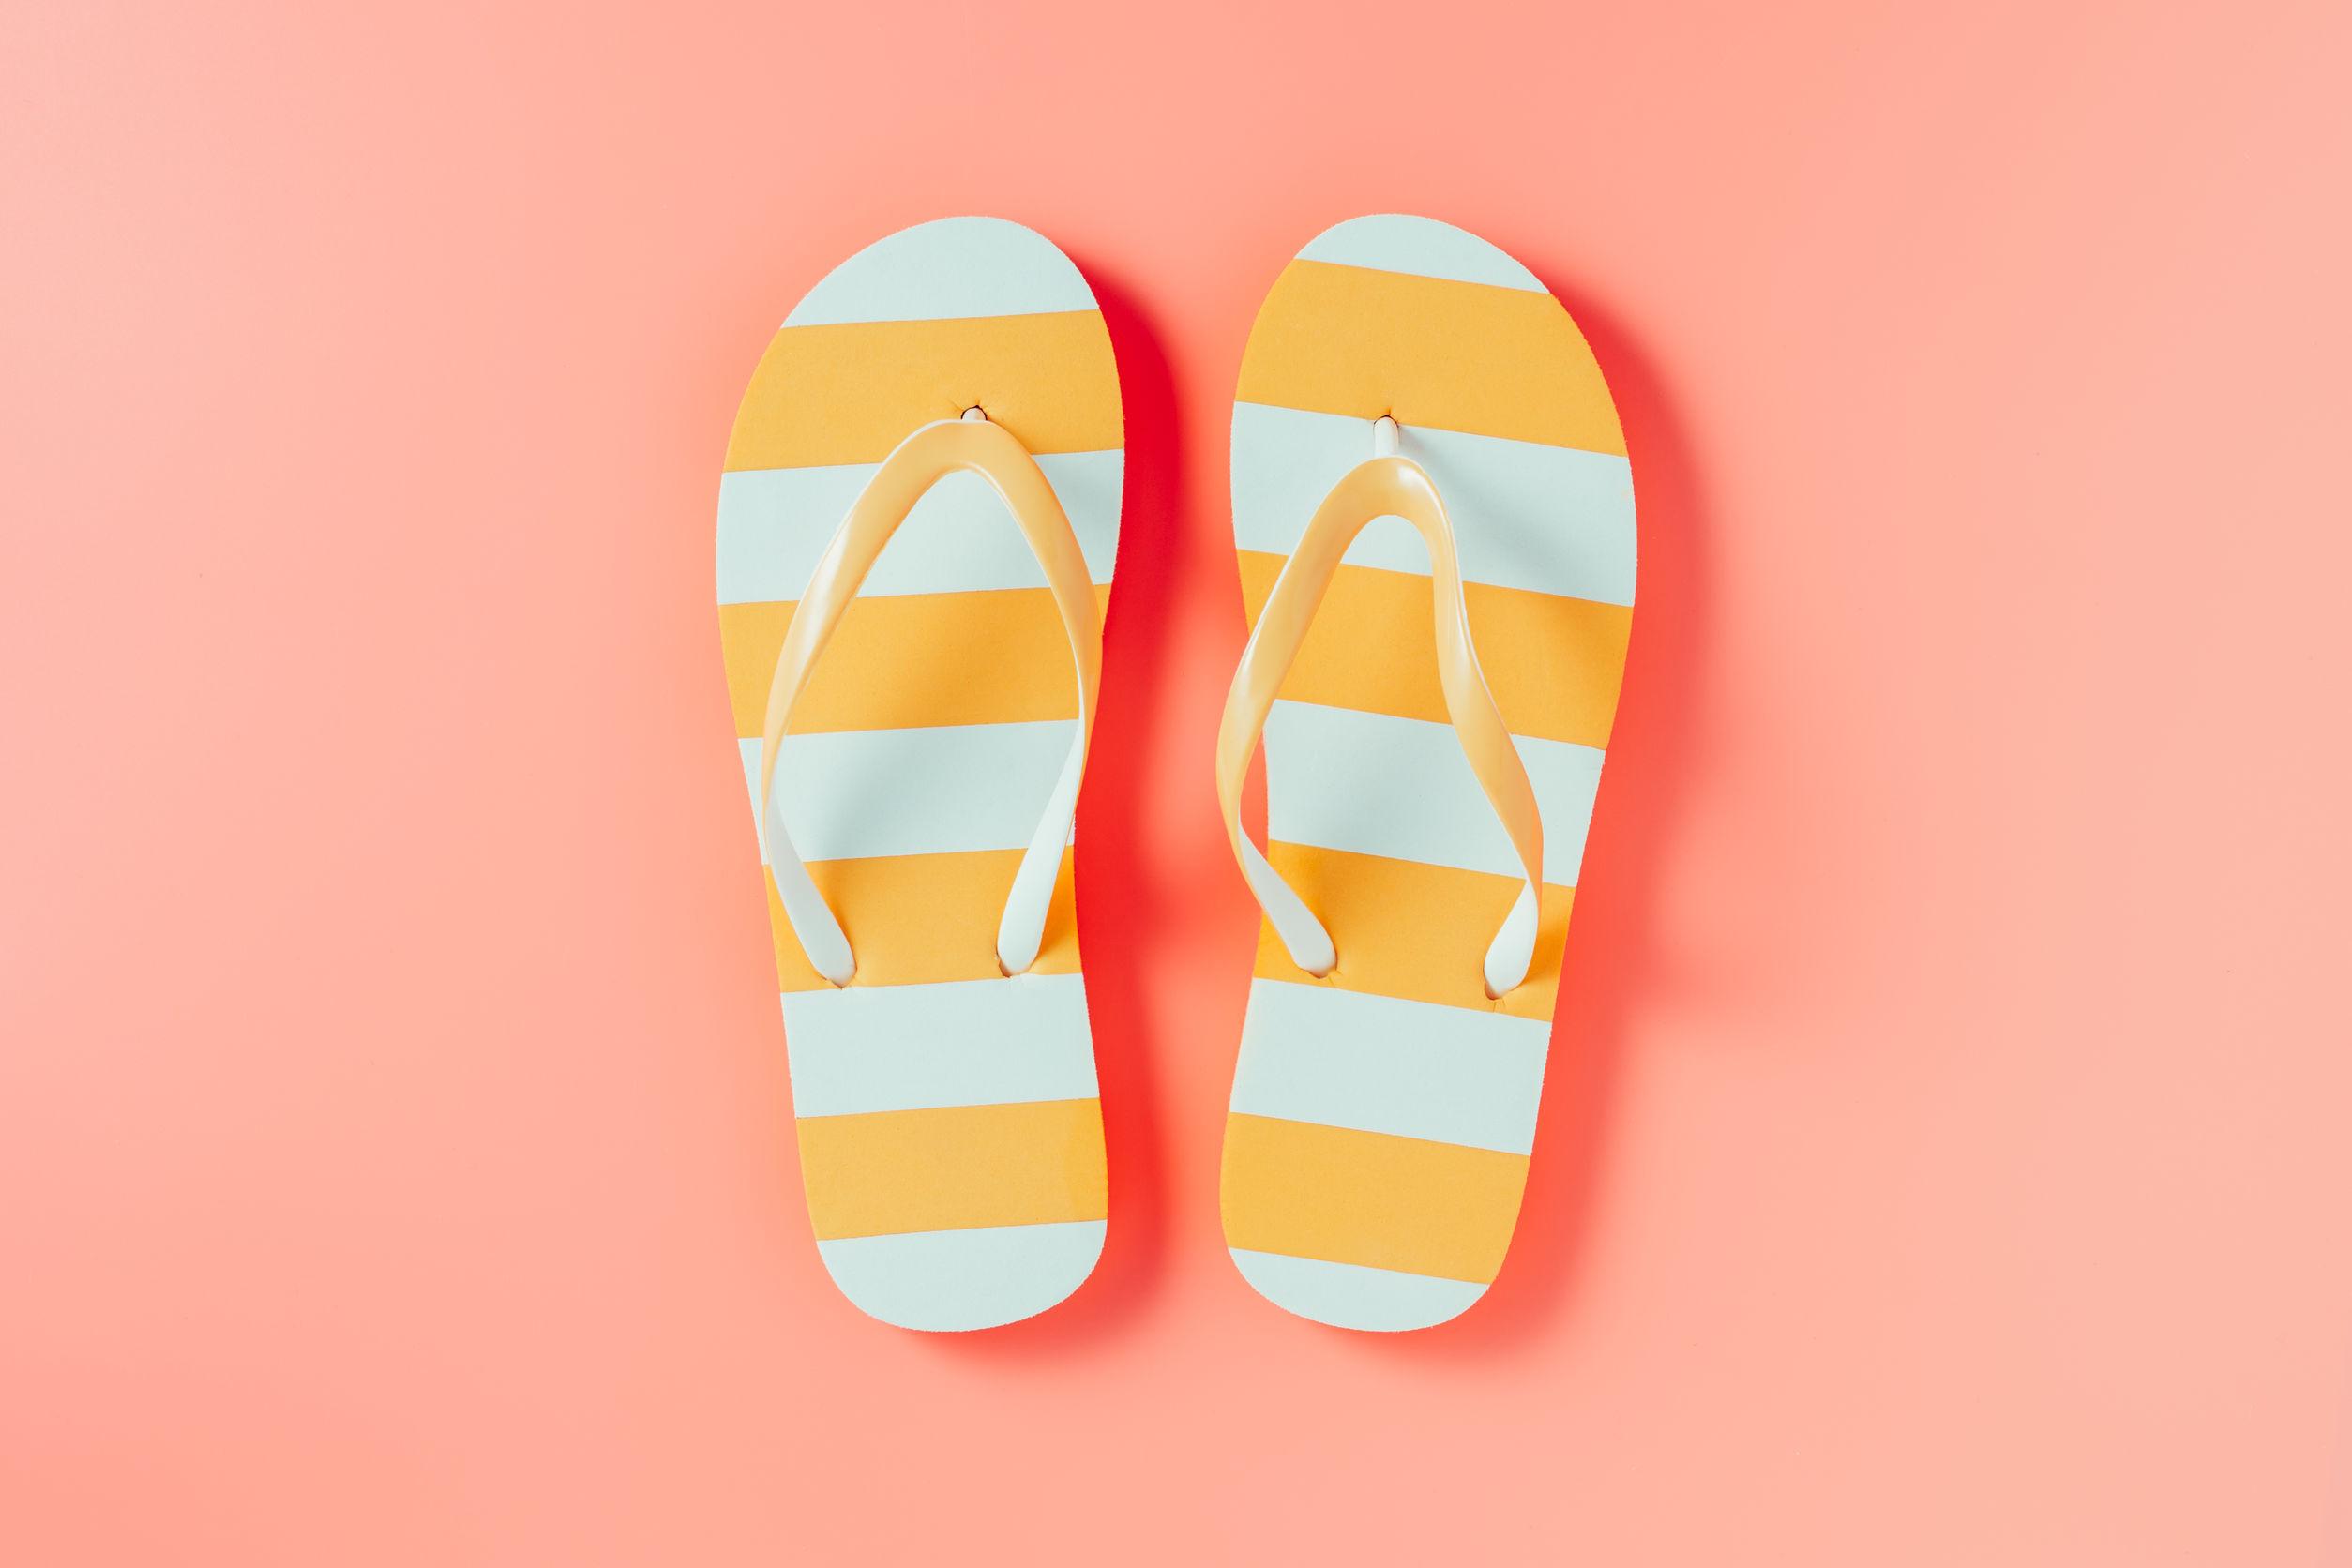 flip flops, slippers